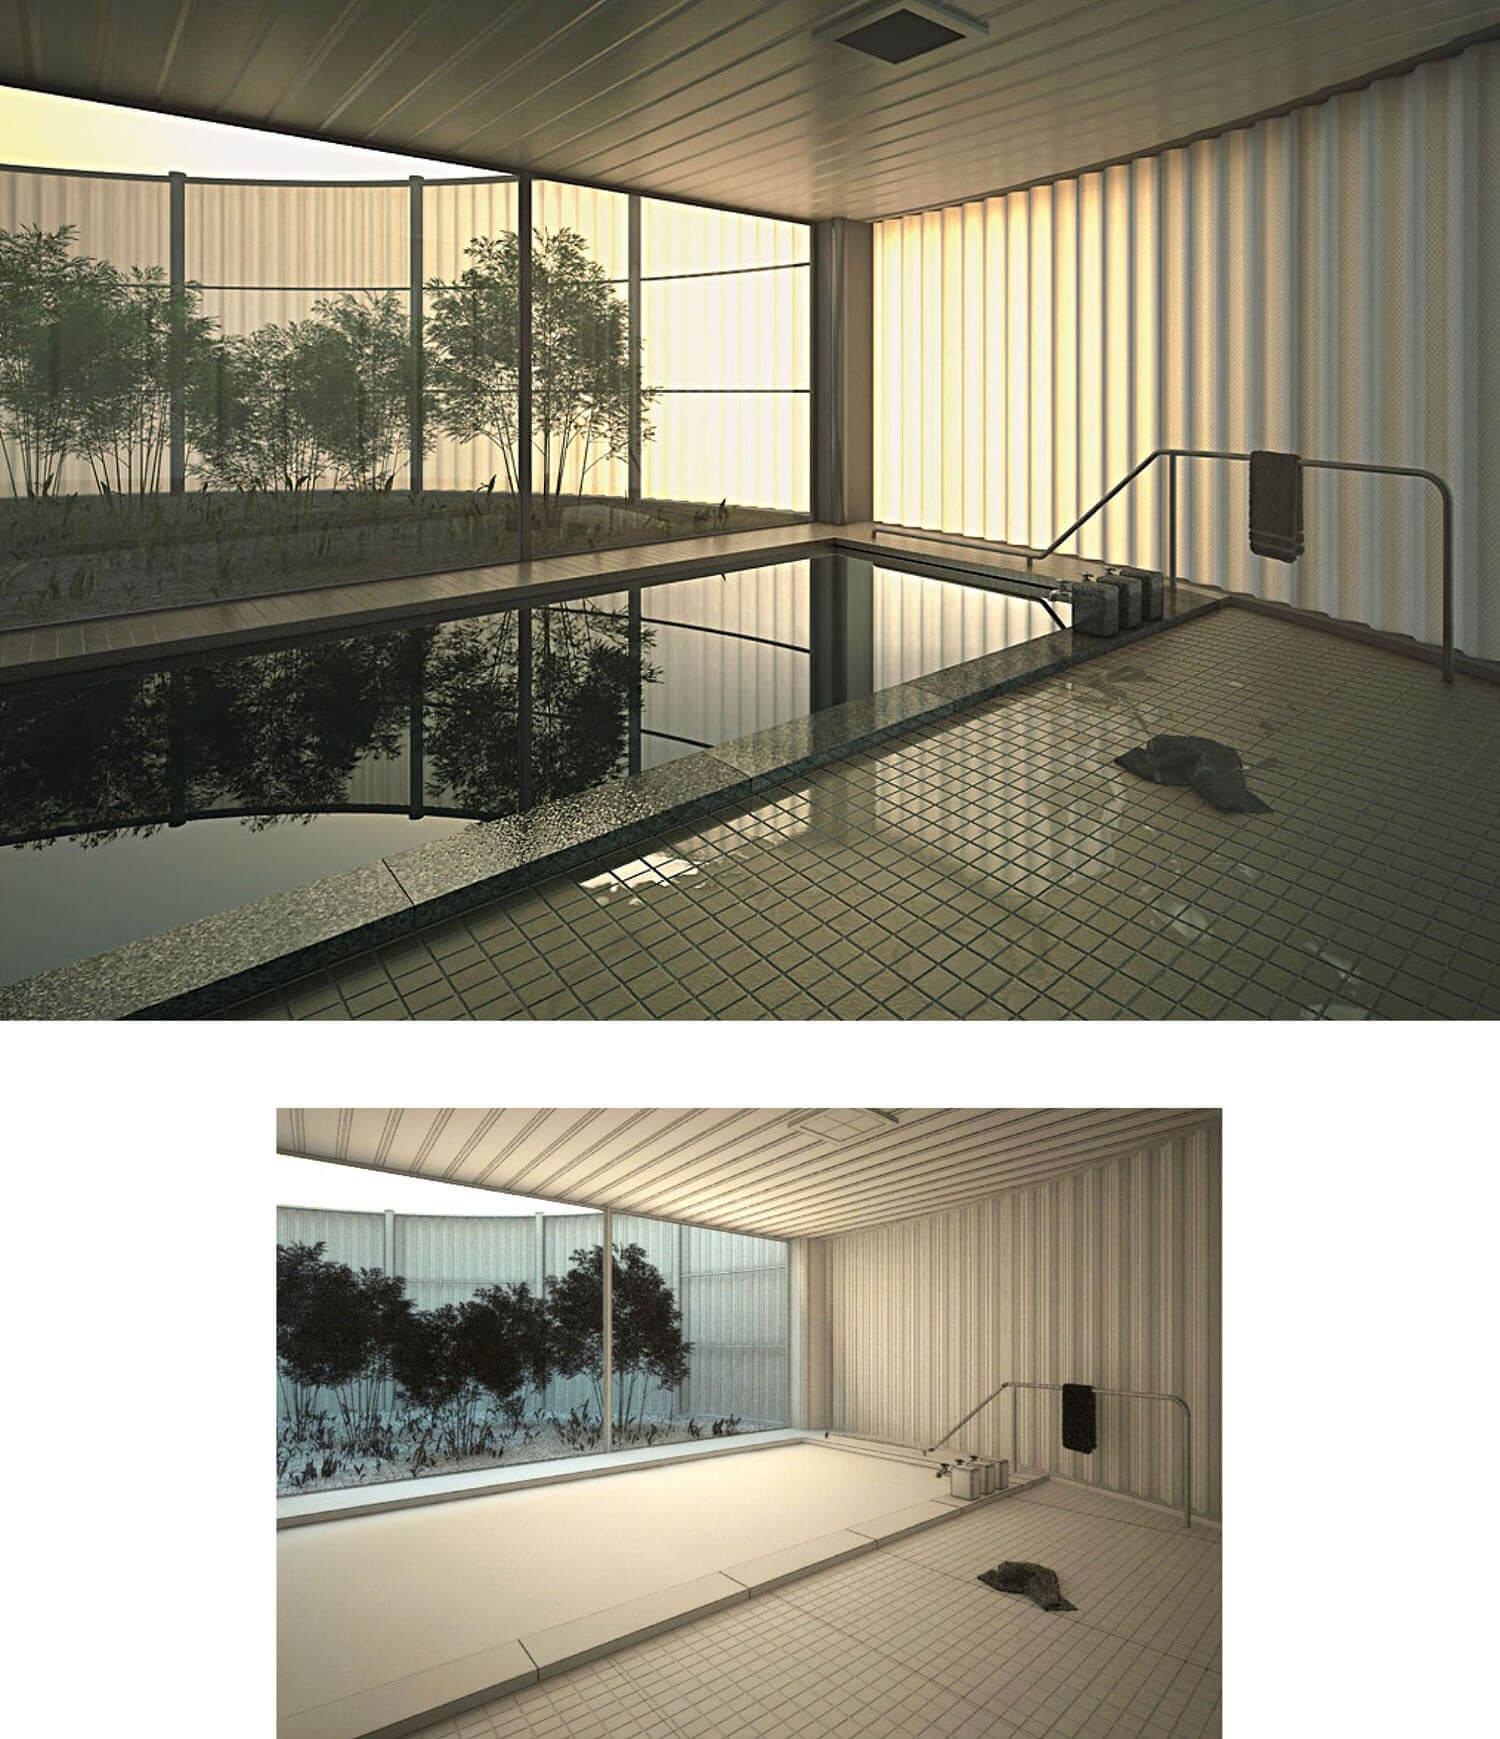 Thiết kế bể bơi với diện tích rộng và vách kính mở ra vườn